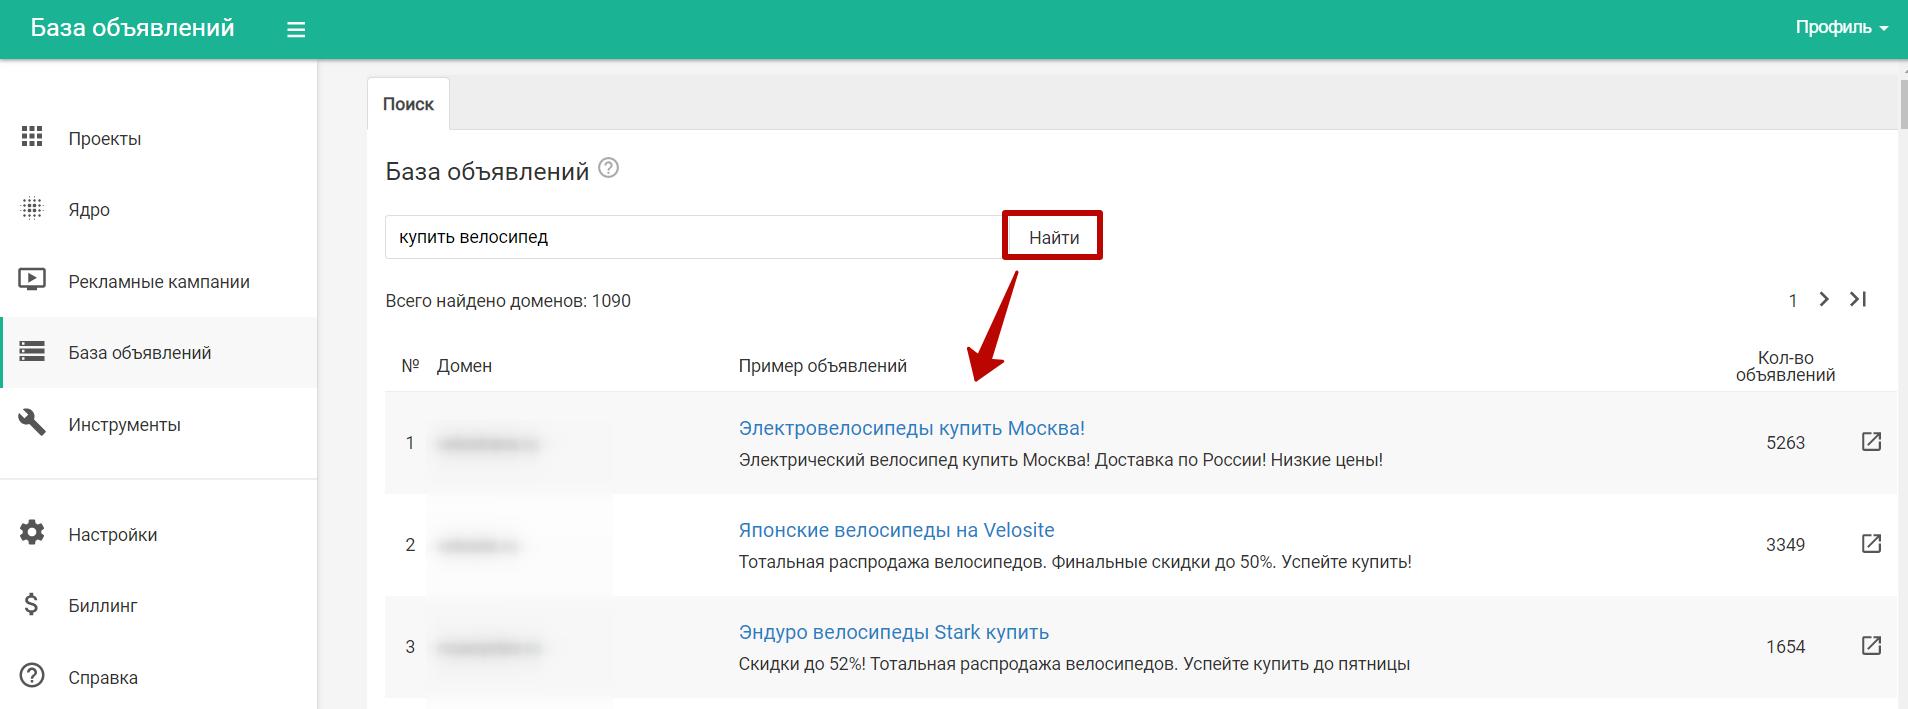 Объявления конкурентов Яндекс.Директ – объявления конкурентов в базе объявлений